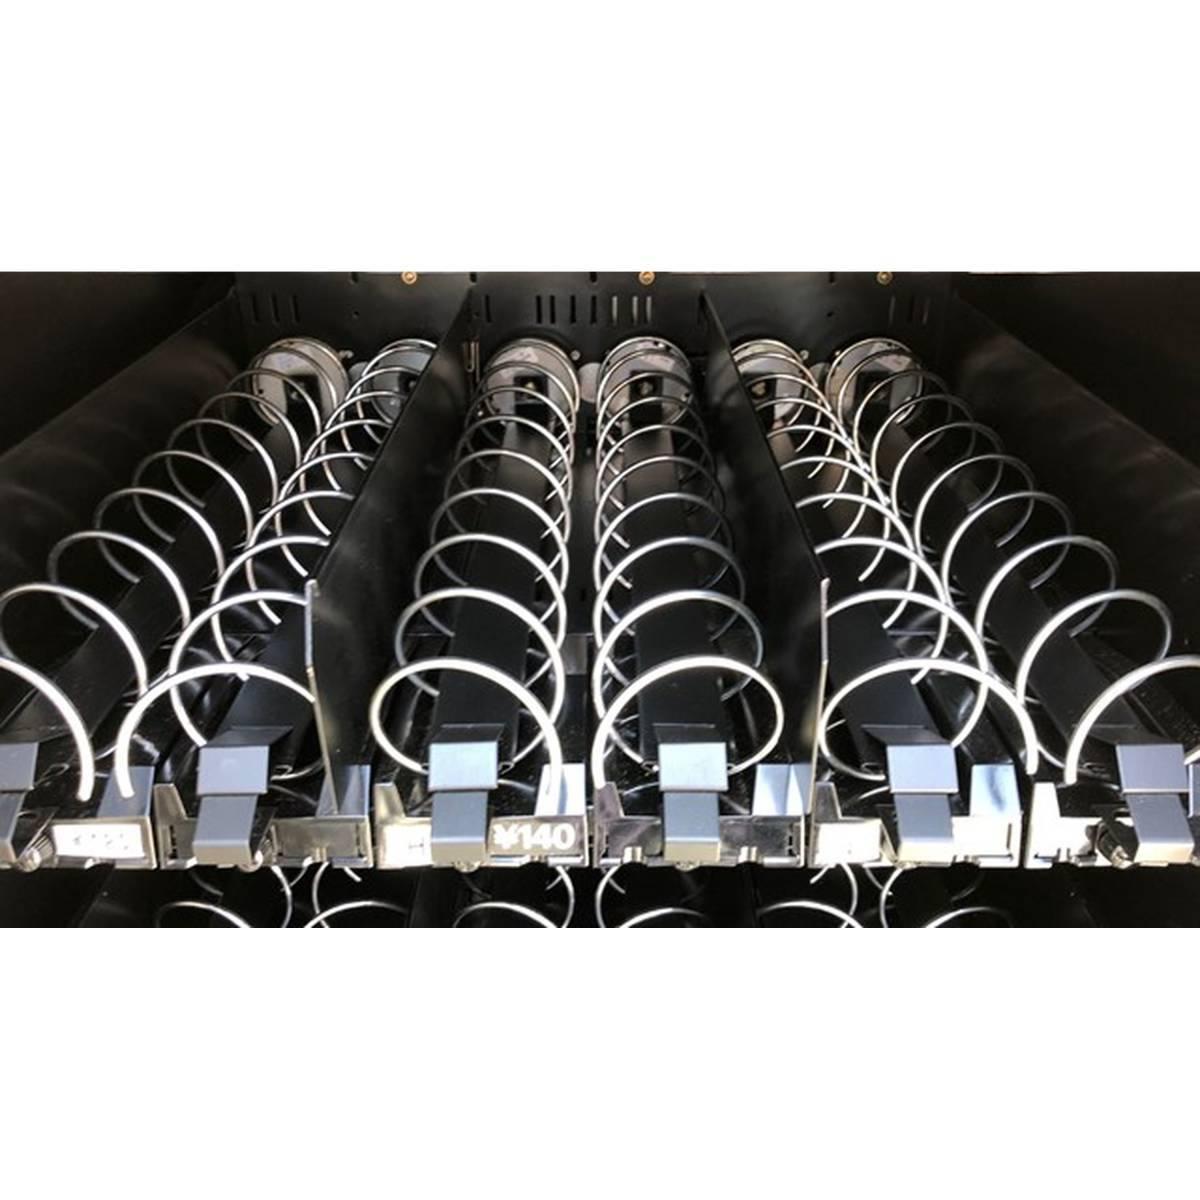 整備済み 冷蔵機能付き 物品 自動販売機 三洋電機製 15セレクション 美品 保証付き 180万円 動作確認済み 動作保証 6か月 即利用可_画像5